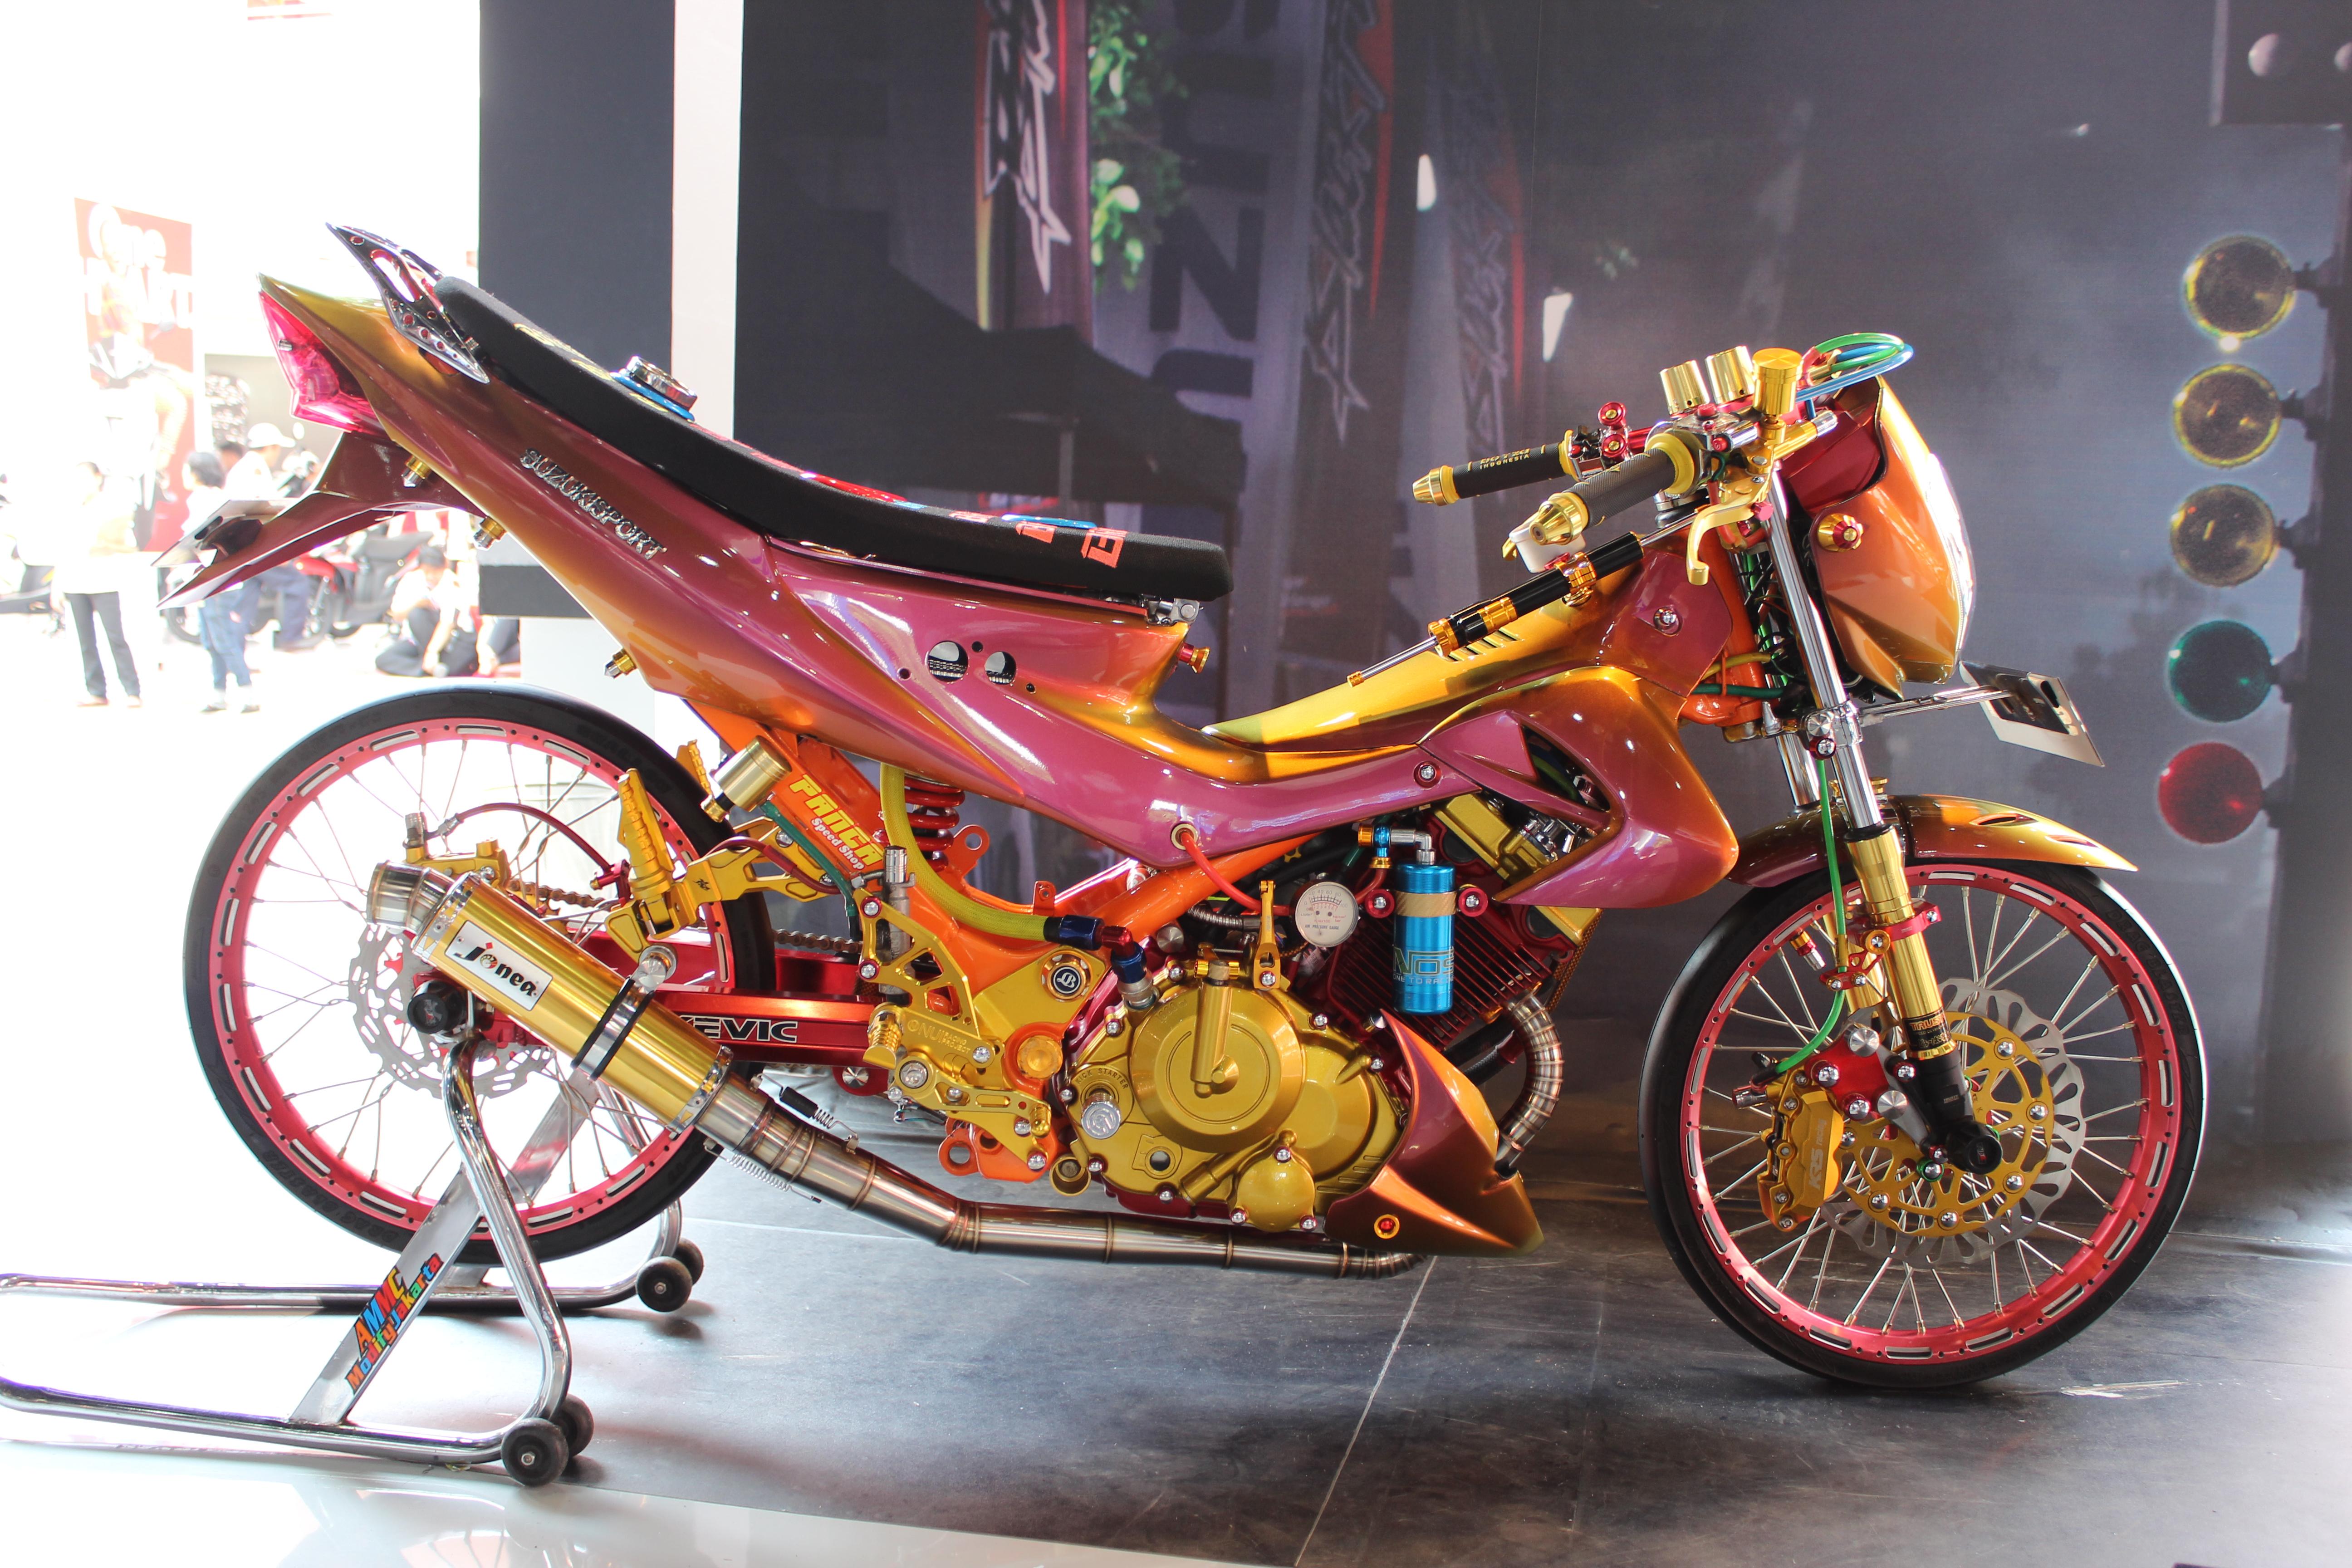 Kumpulan Modifikasi Satria Fu Jakarta Terbaru Daun Motor